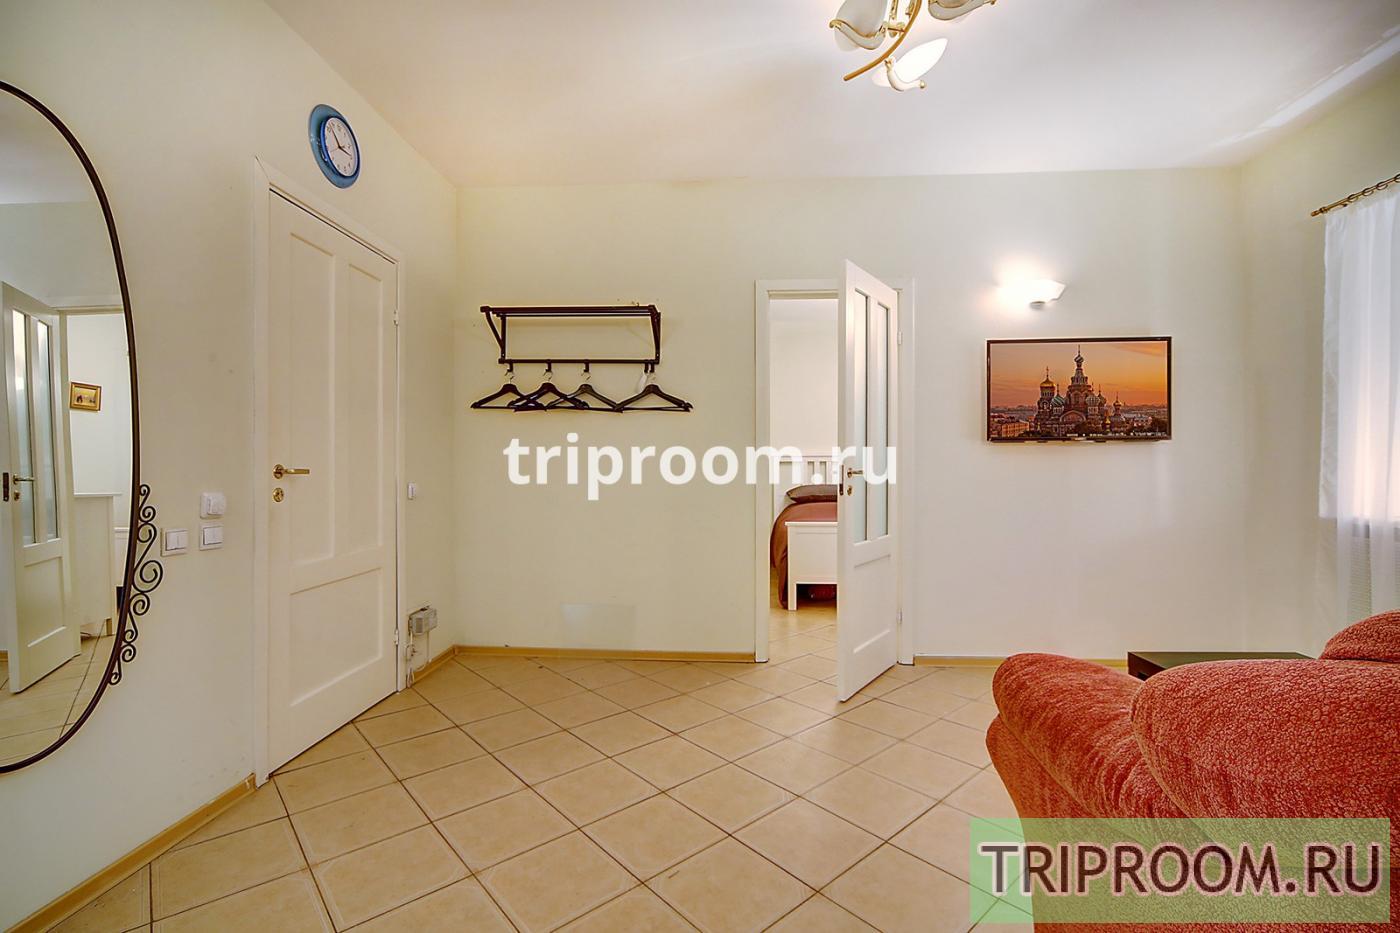 3-комнатная квартира посуточно (вариант № 14749), ул. Большая Конюшенная улица, фото № 3